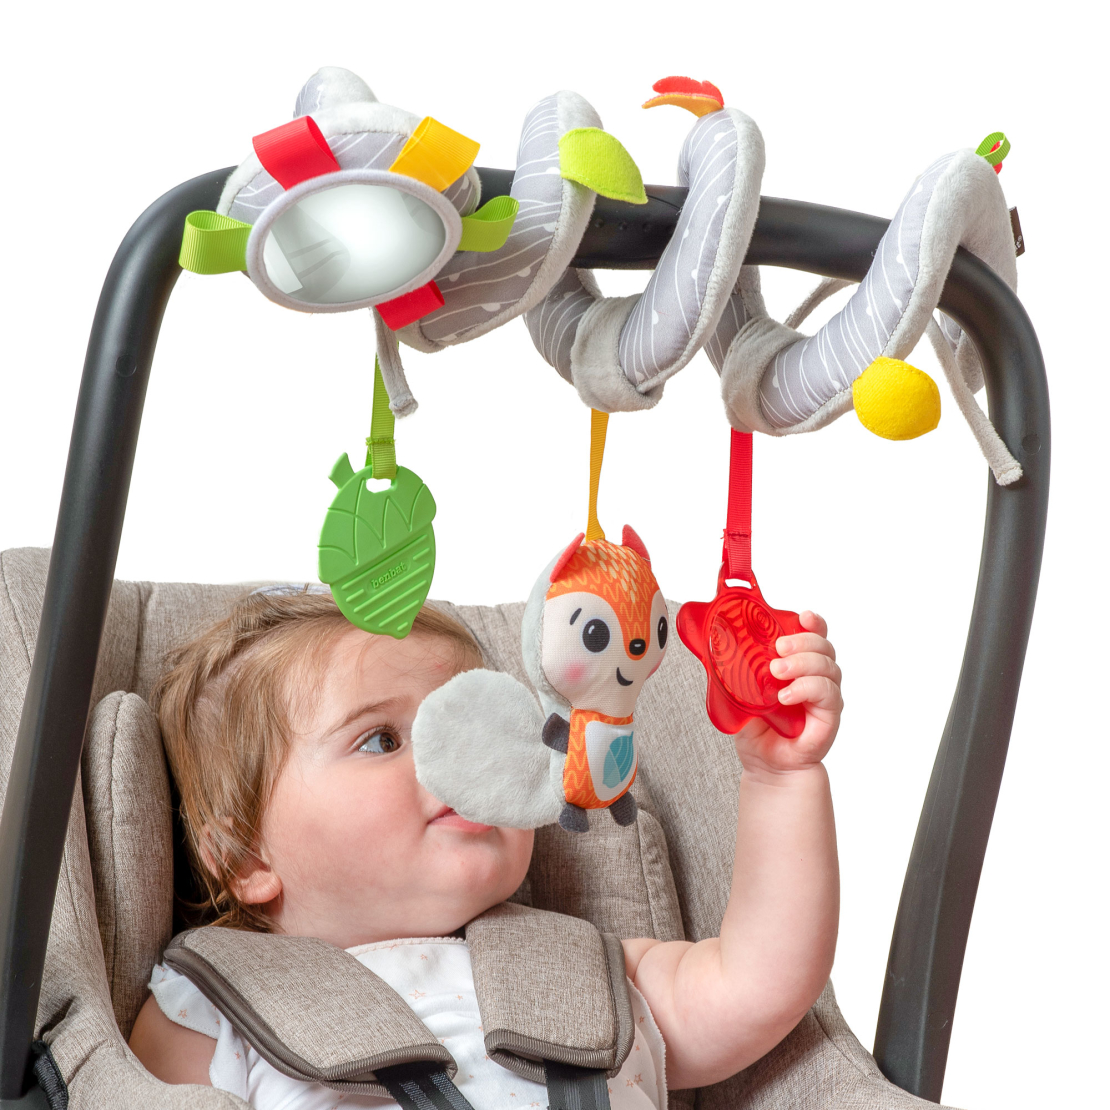 11# - אושר רך ומלטף לבת : מתנה רכה המכילה קופסת צעצועים, שמיכה, מגבת, חיתולי טטרה, ספירלה לעגלה/ סלקל